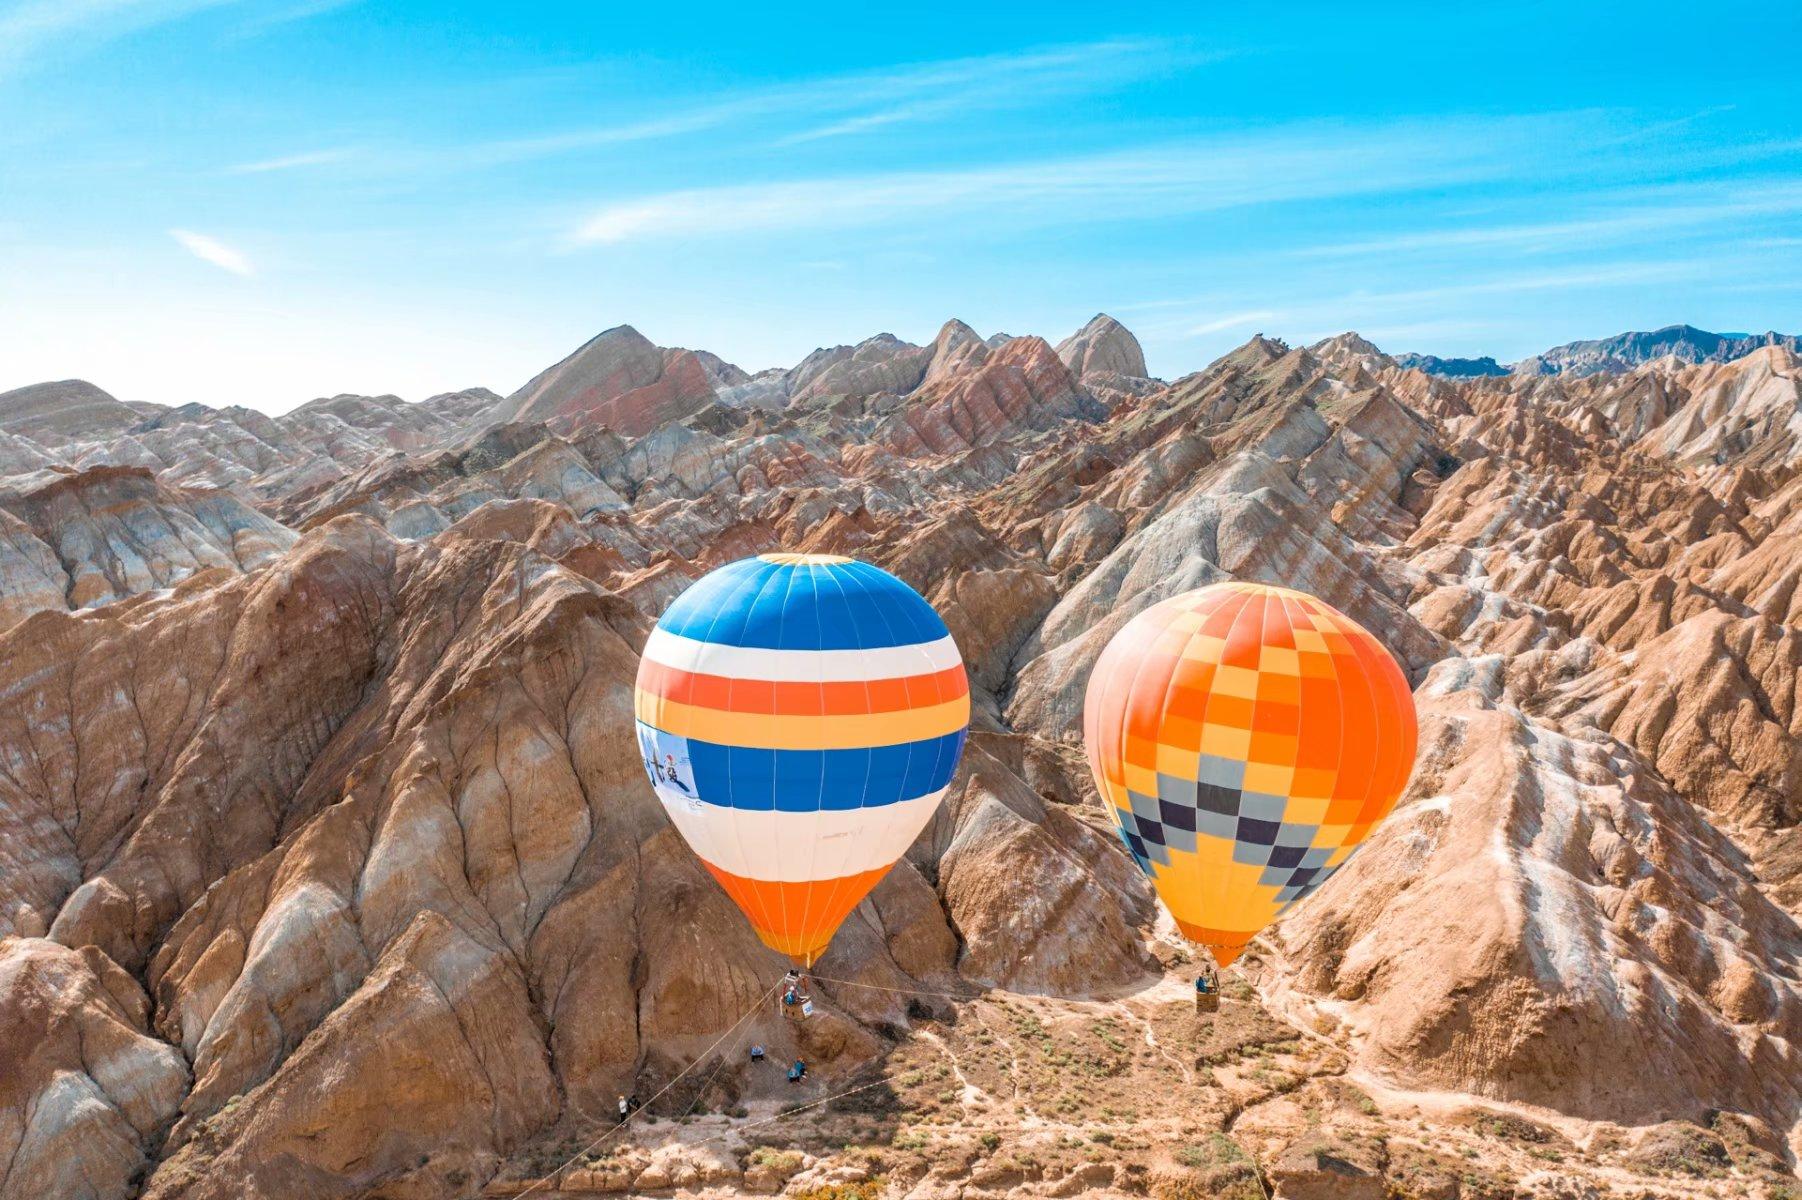 这是一场千万的旅行,张掖七彩丹霞飞跃100个热气球,每个造价10W